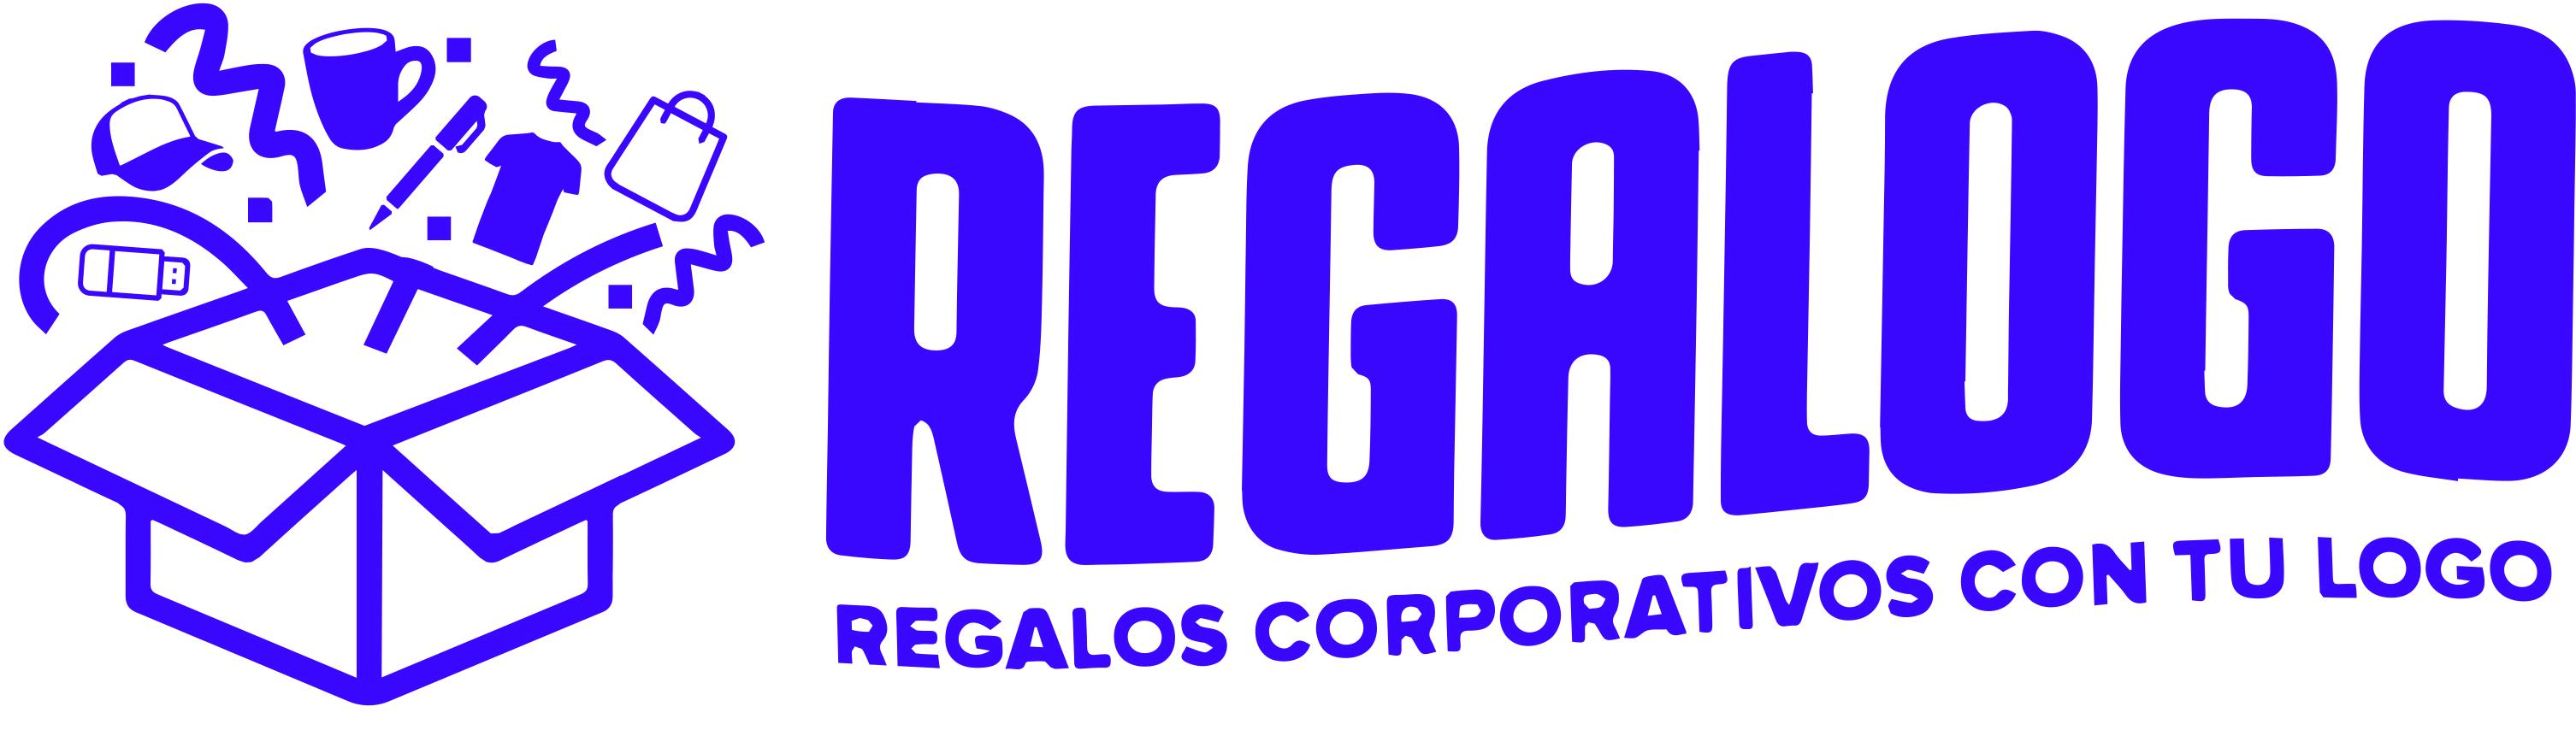 Regalogo | Regalos corporativos y merchandising